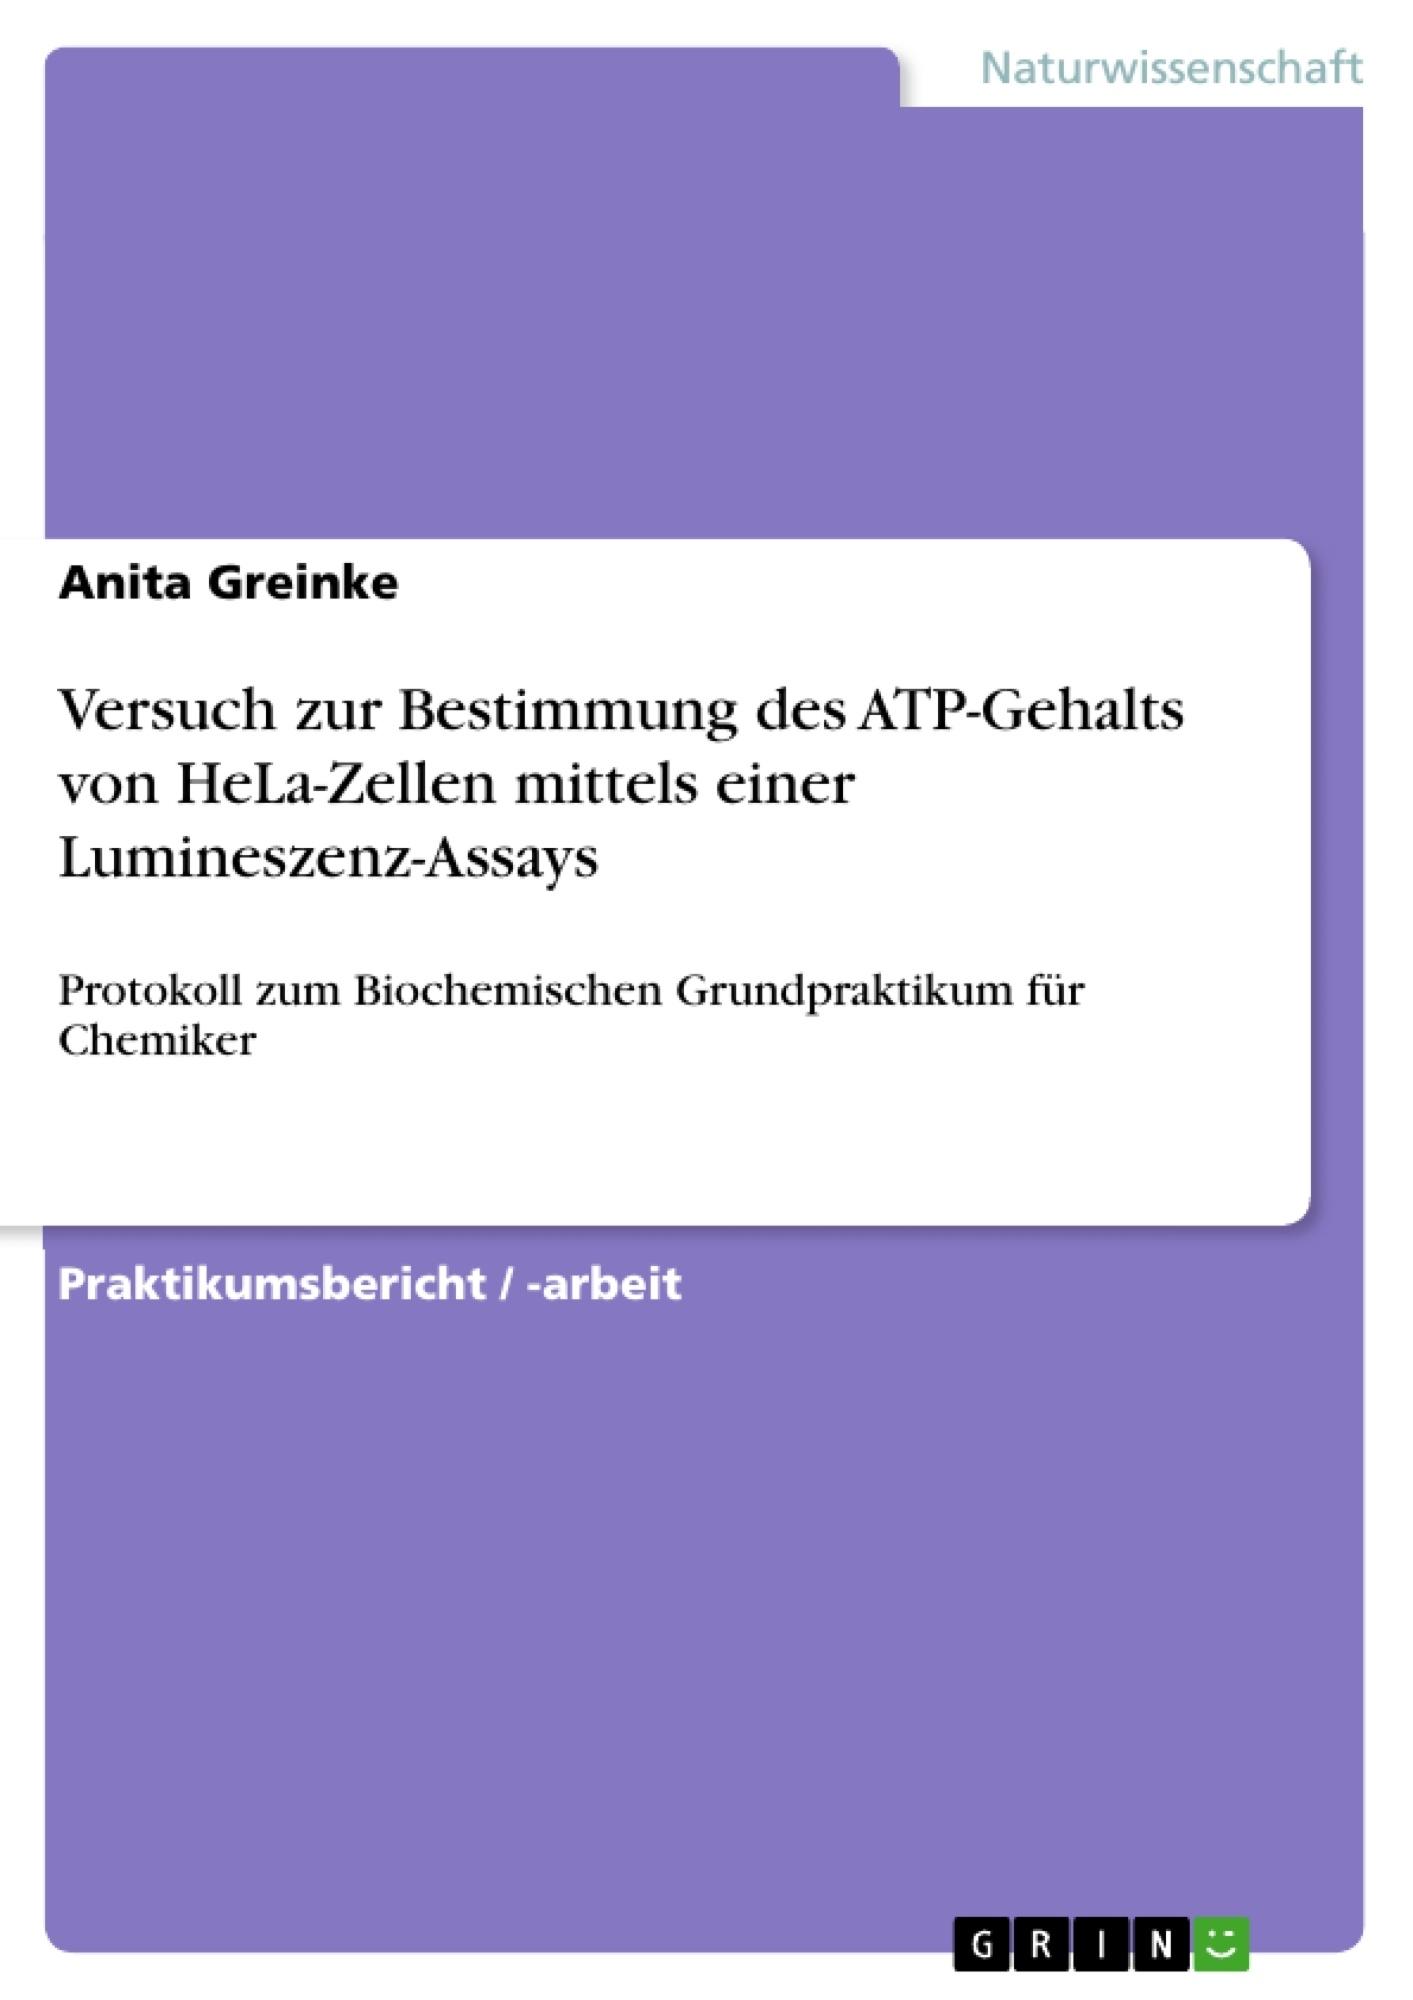 Titel: Versuch zur Bestimmung des ATP-Gehalts von HeLa-Zellen mittels einer Lumineszenz-Assays